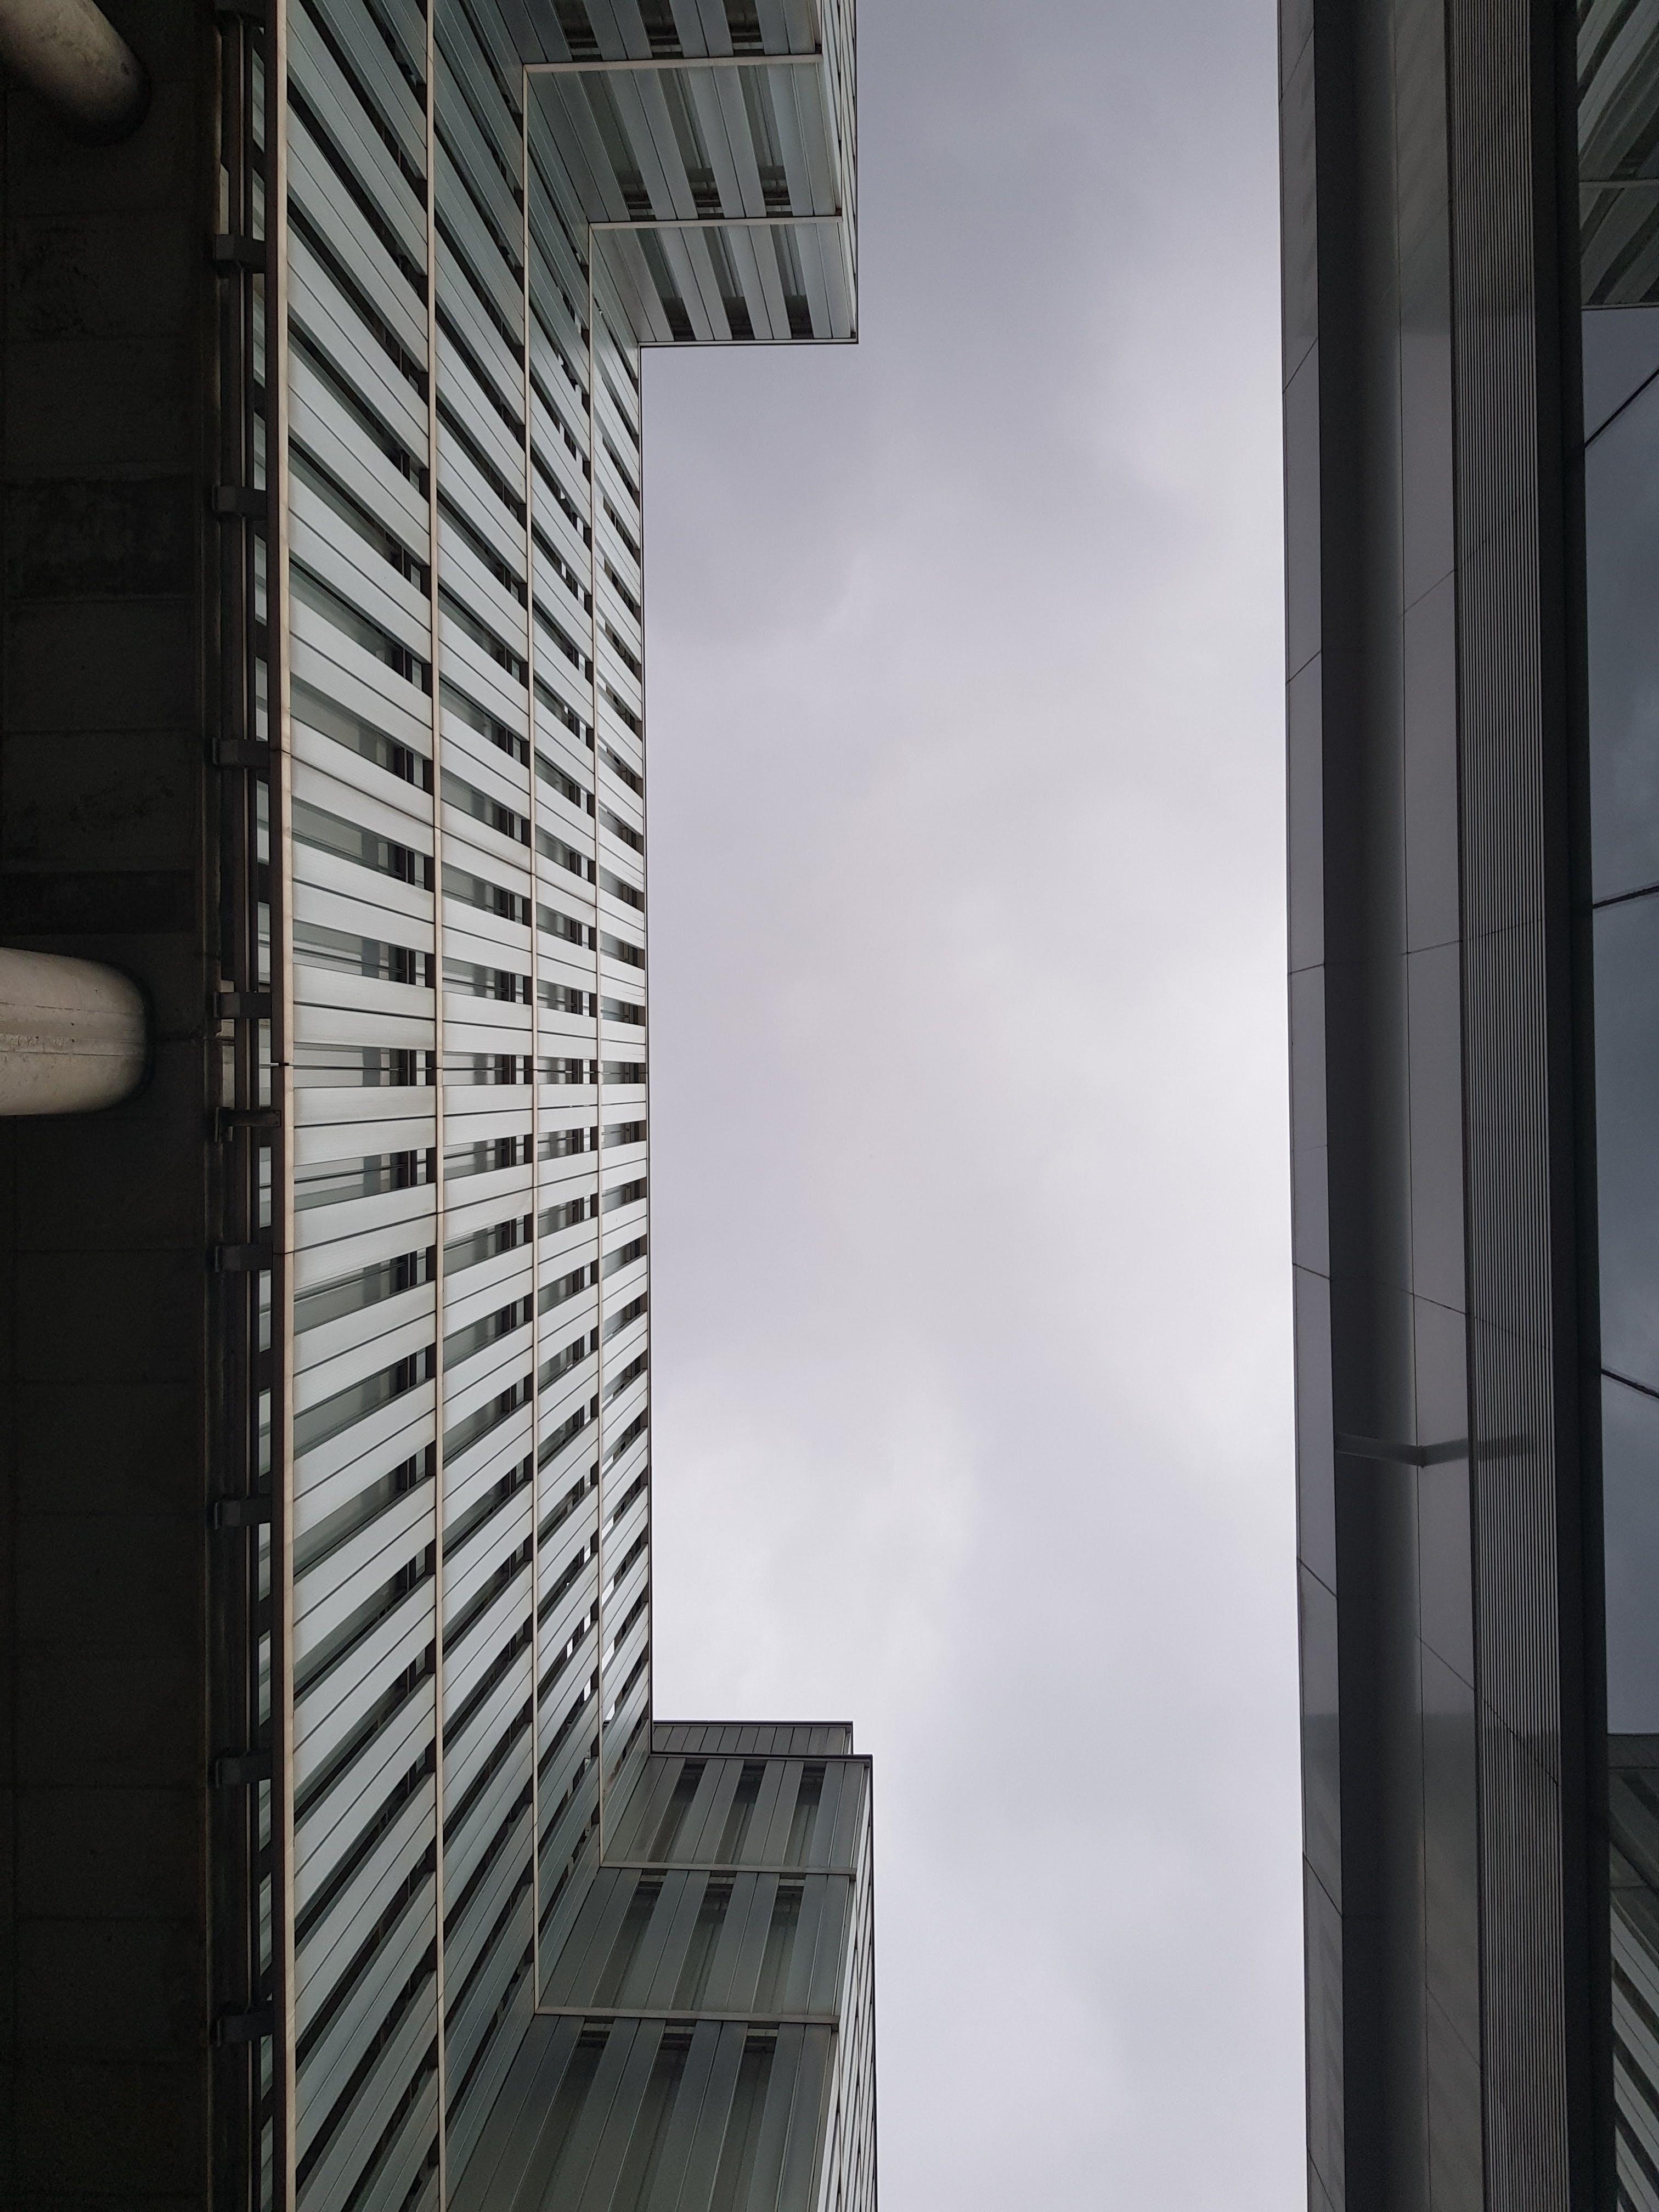 Ilmainen kuvapankkikuva tunnisteilla arkkitehtuuri, keskusta, kuva alakulmasta, perspektiivi